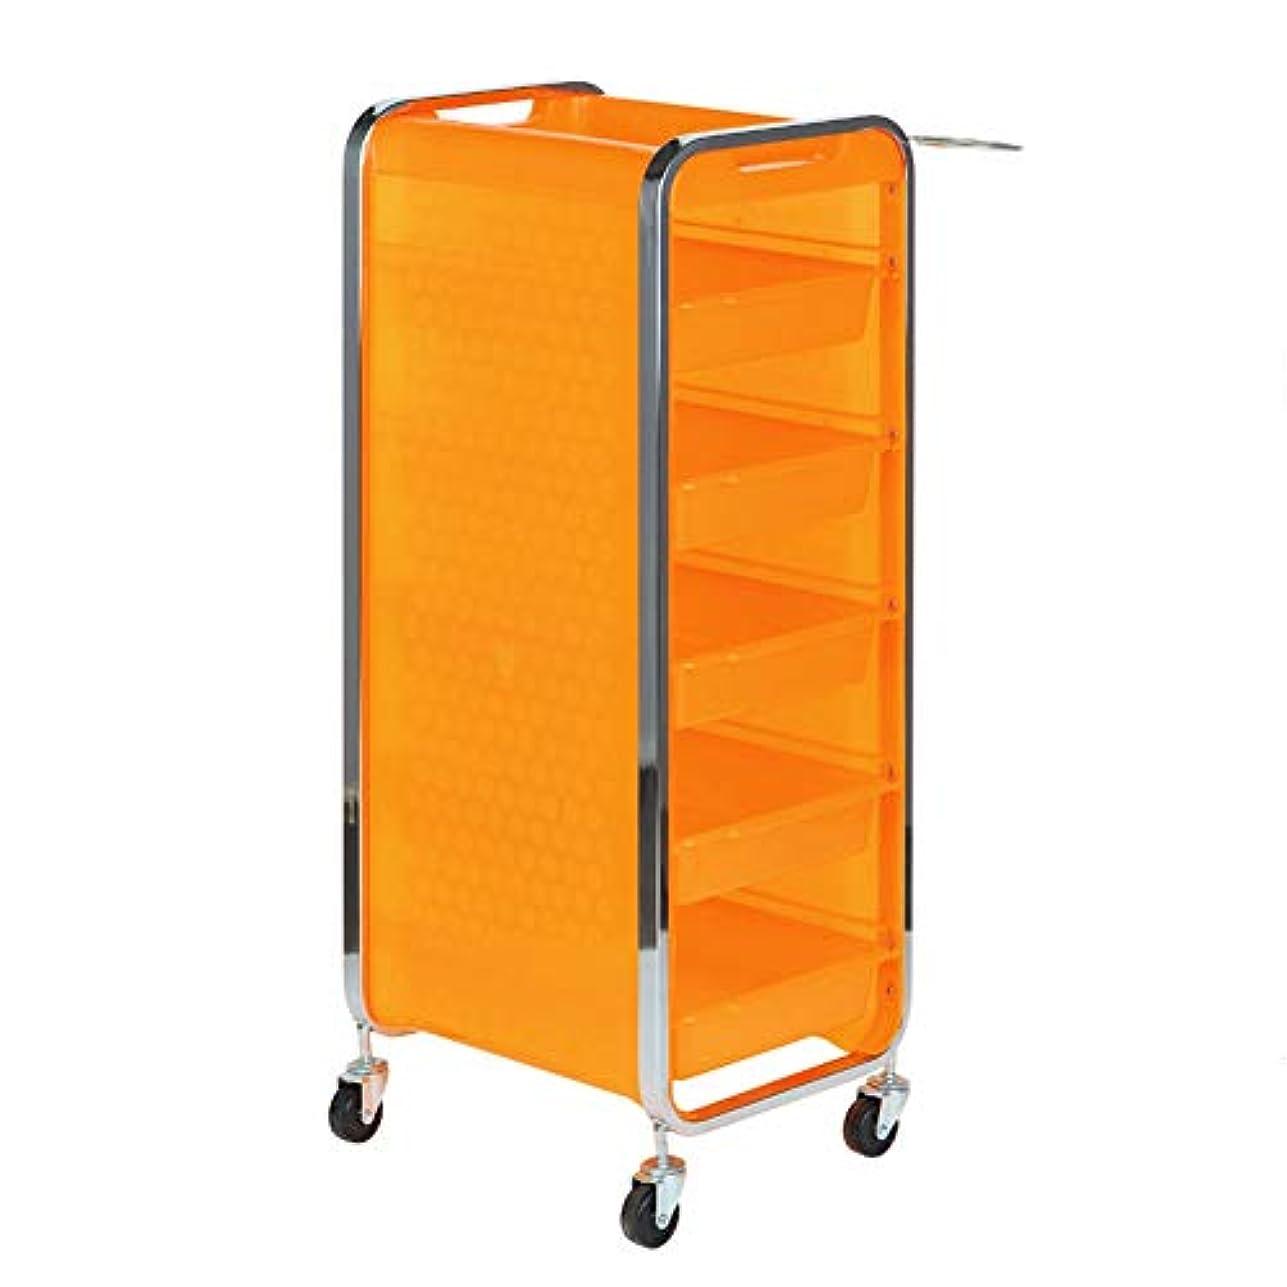 仕方遺産最終サロン美容院トロリー美容美容収納カート6層トレイ多機能引き出し虹色,Orange,A